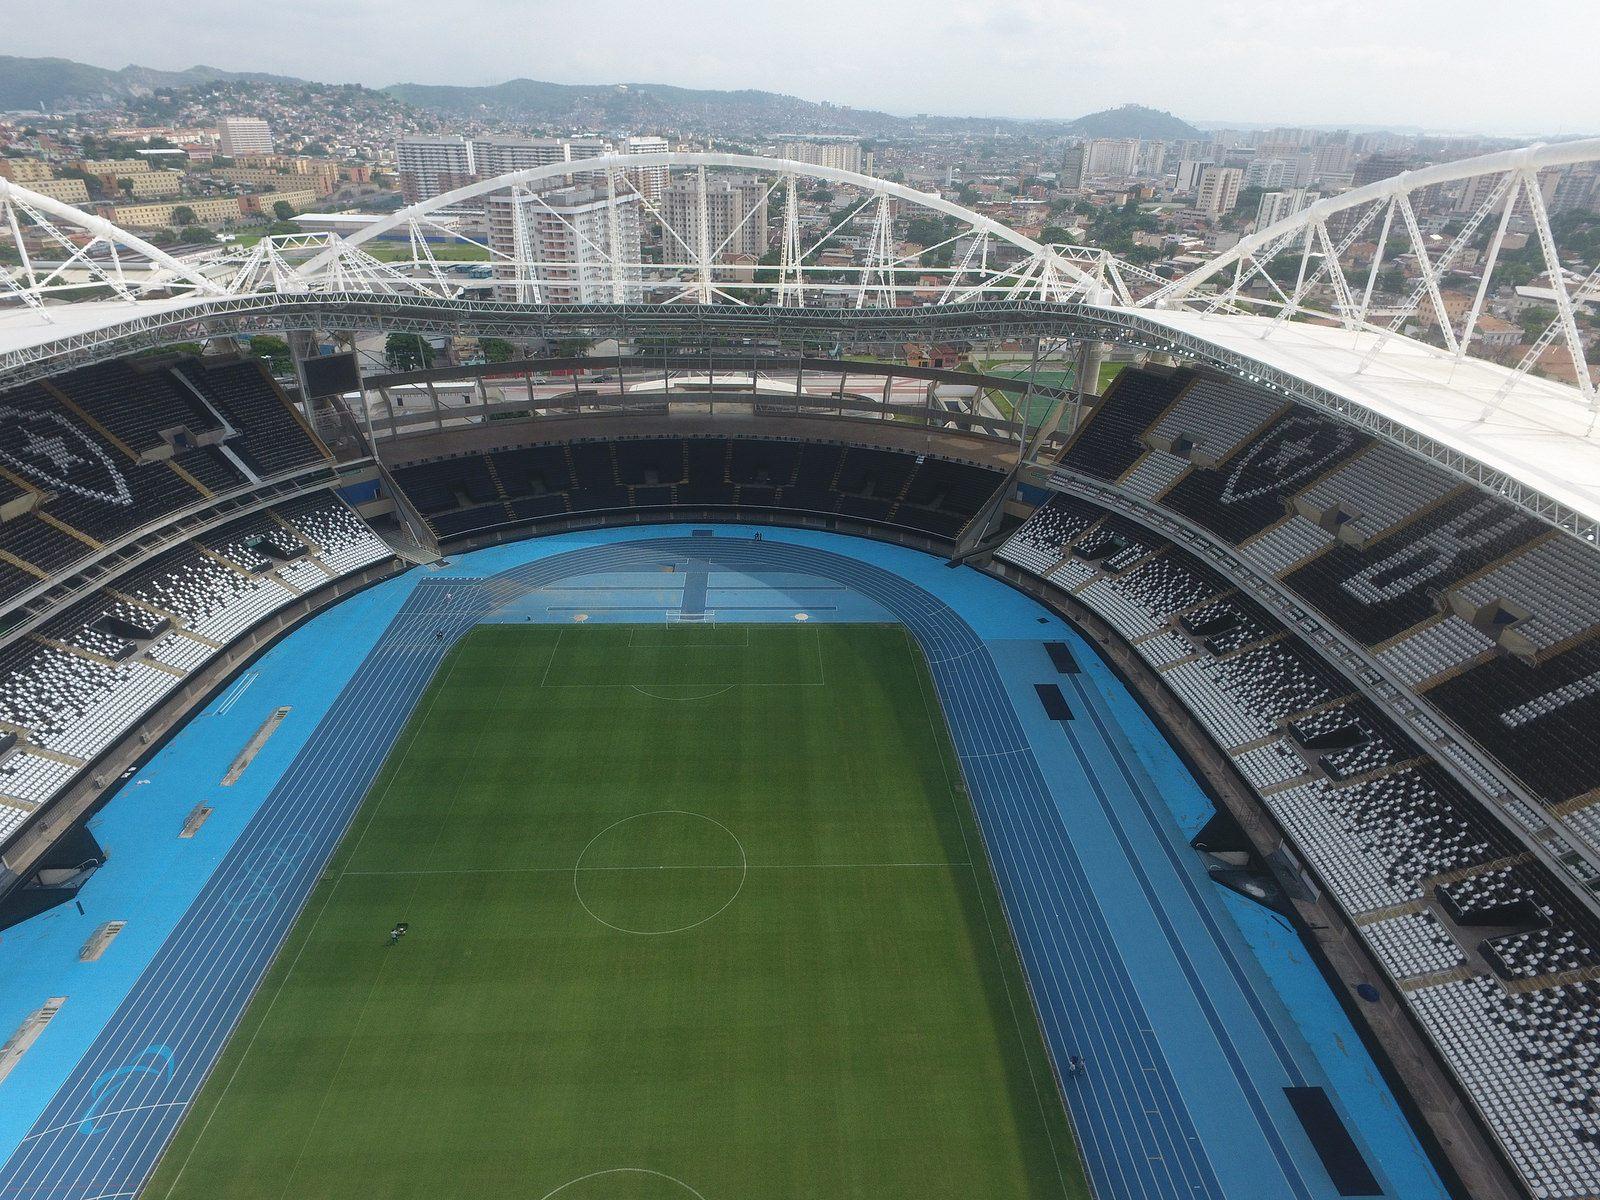 2491e36e06 Estádio Nilton Santos (Engenhão) – StadiumDB.com